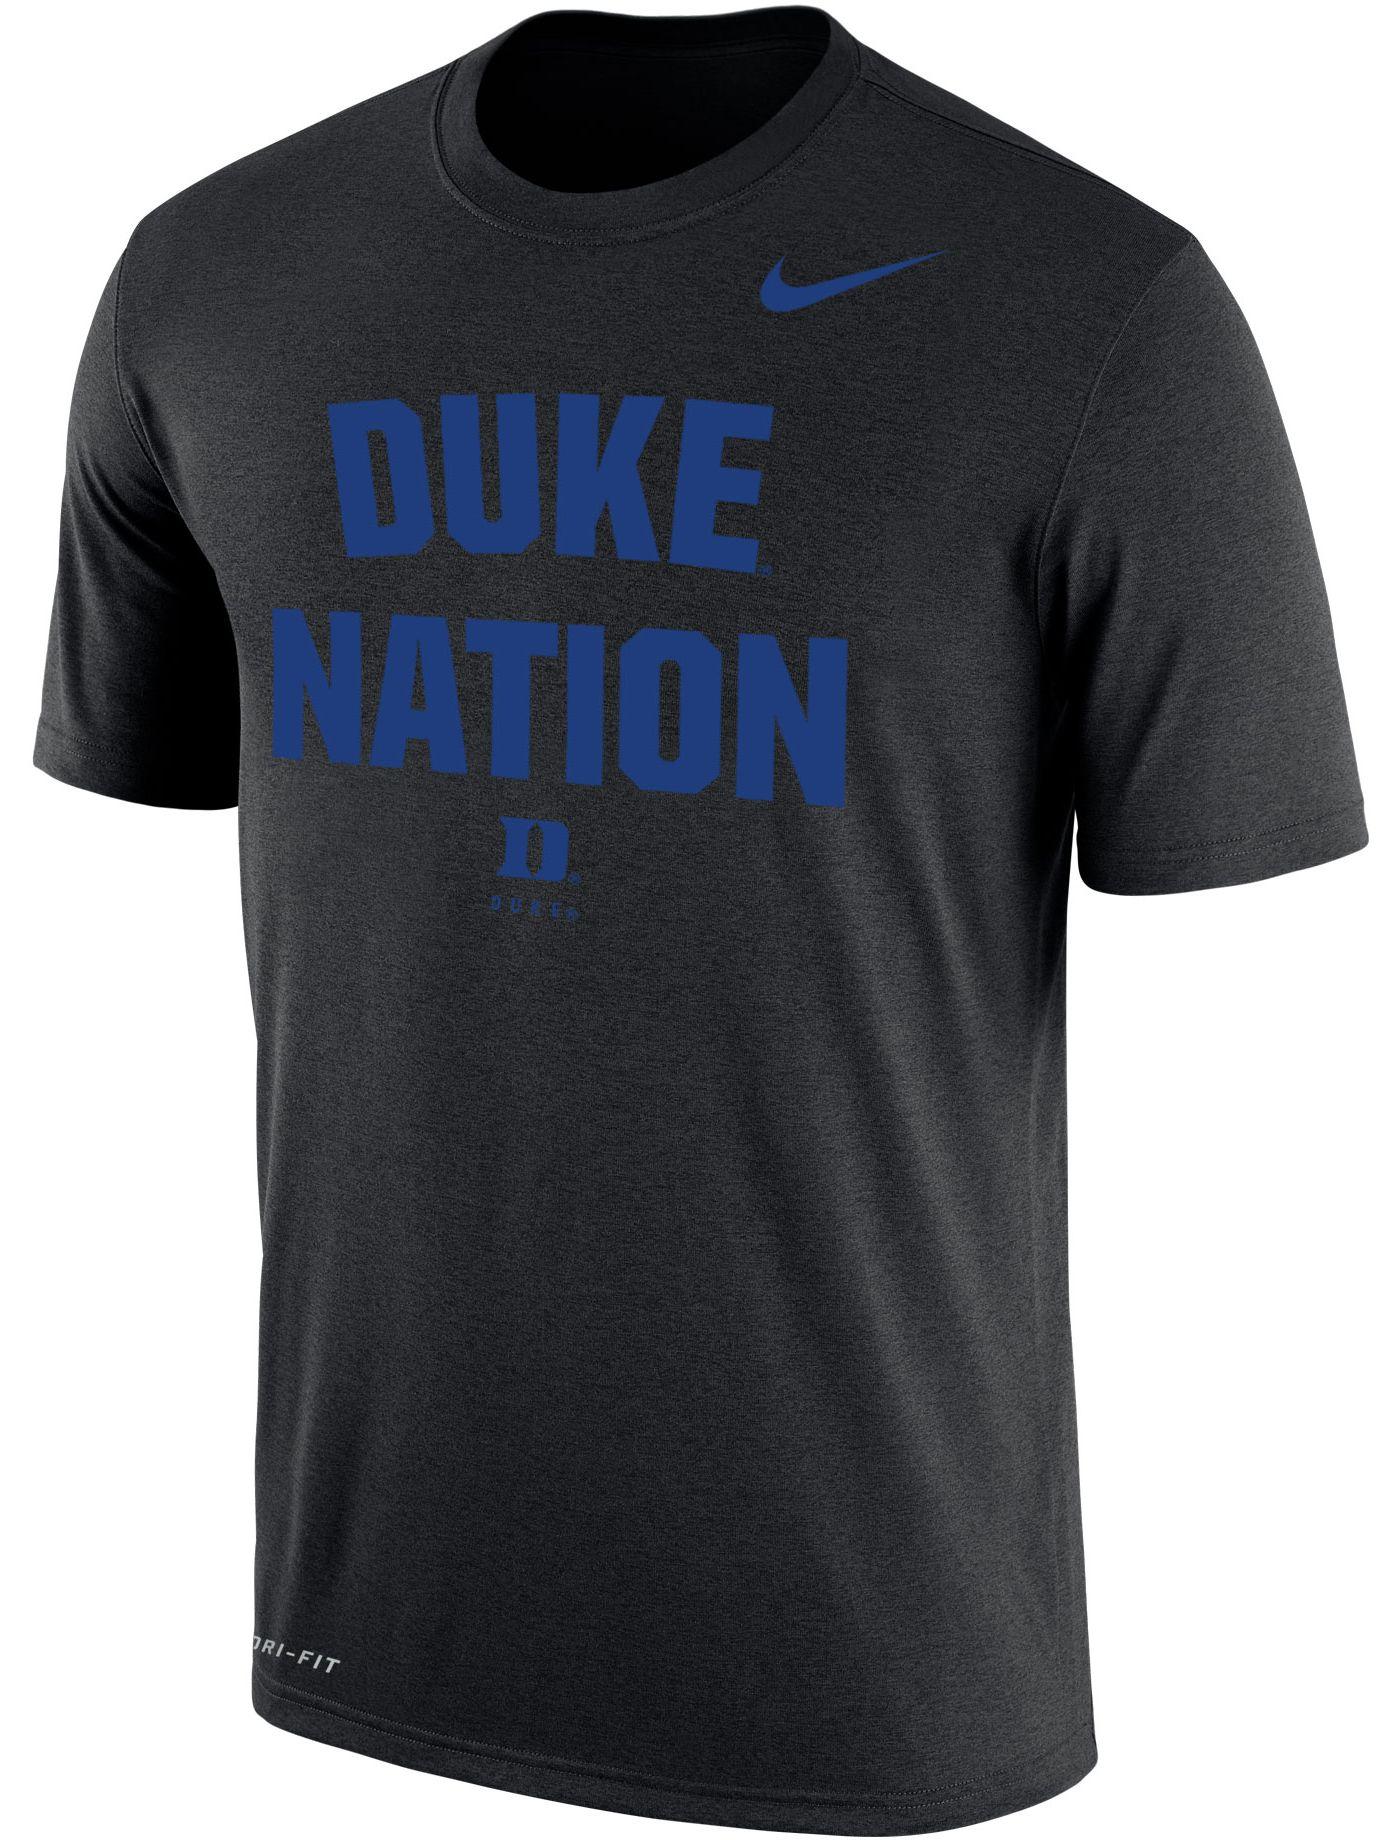 Nike Men's Duke Blue Devils Dri-FIT Phrase Black T-Shirt